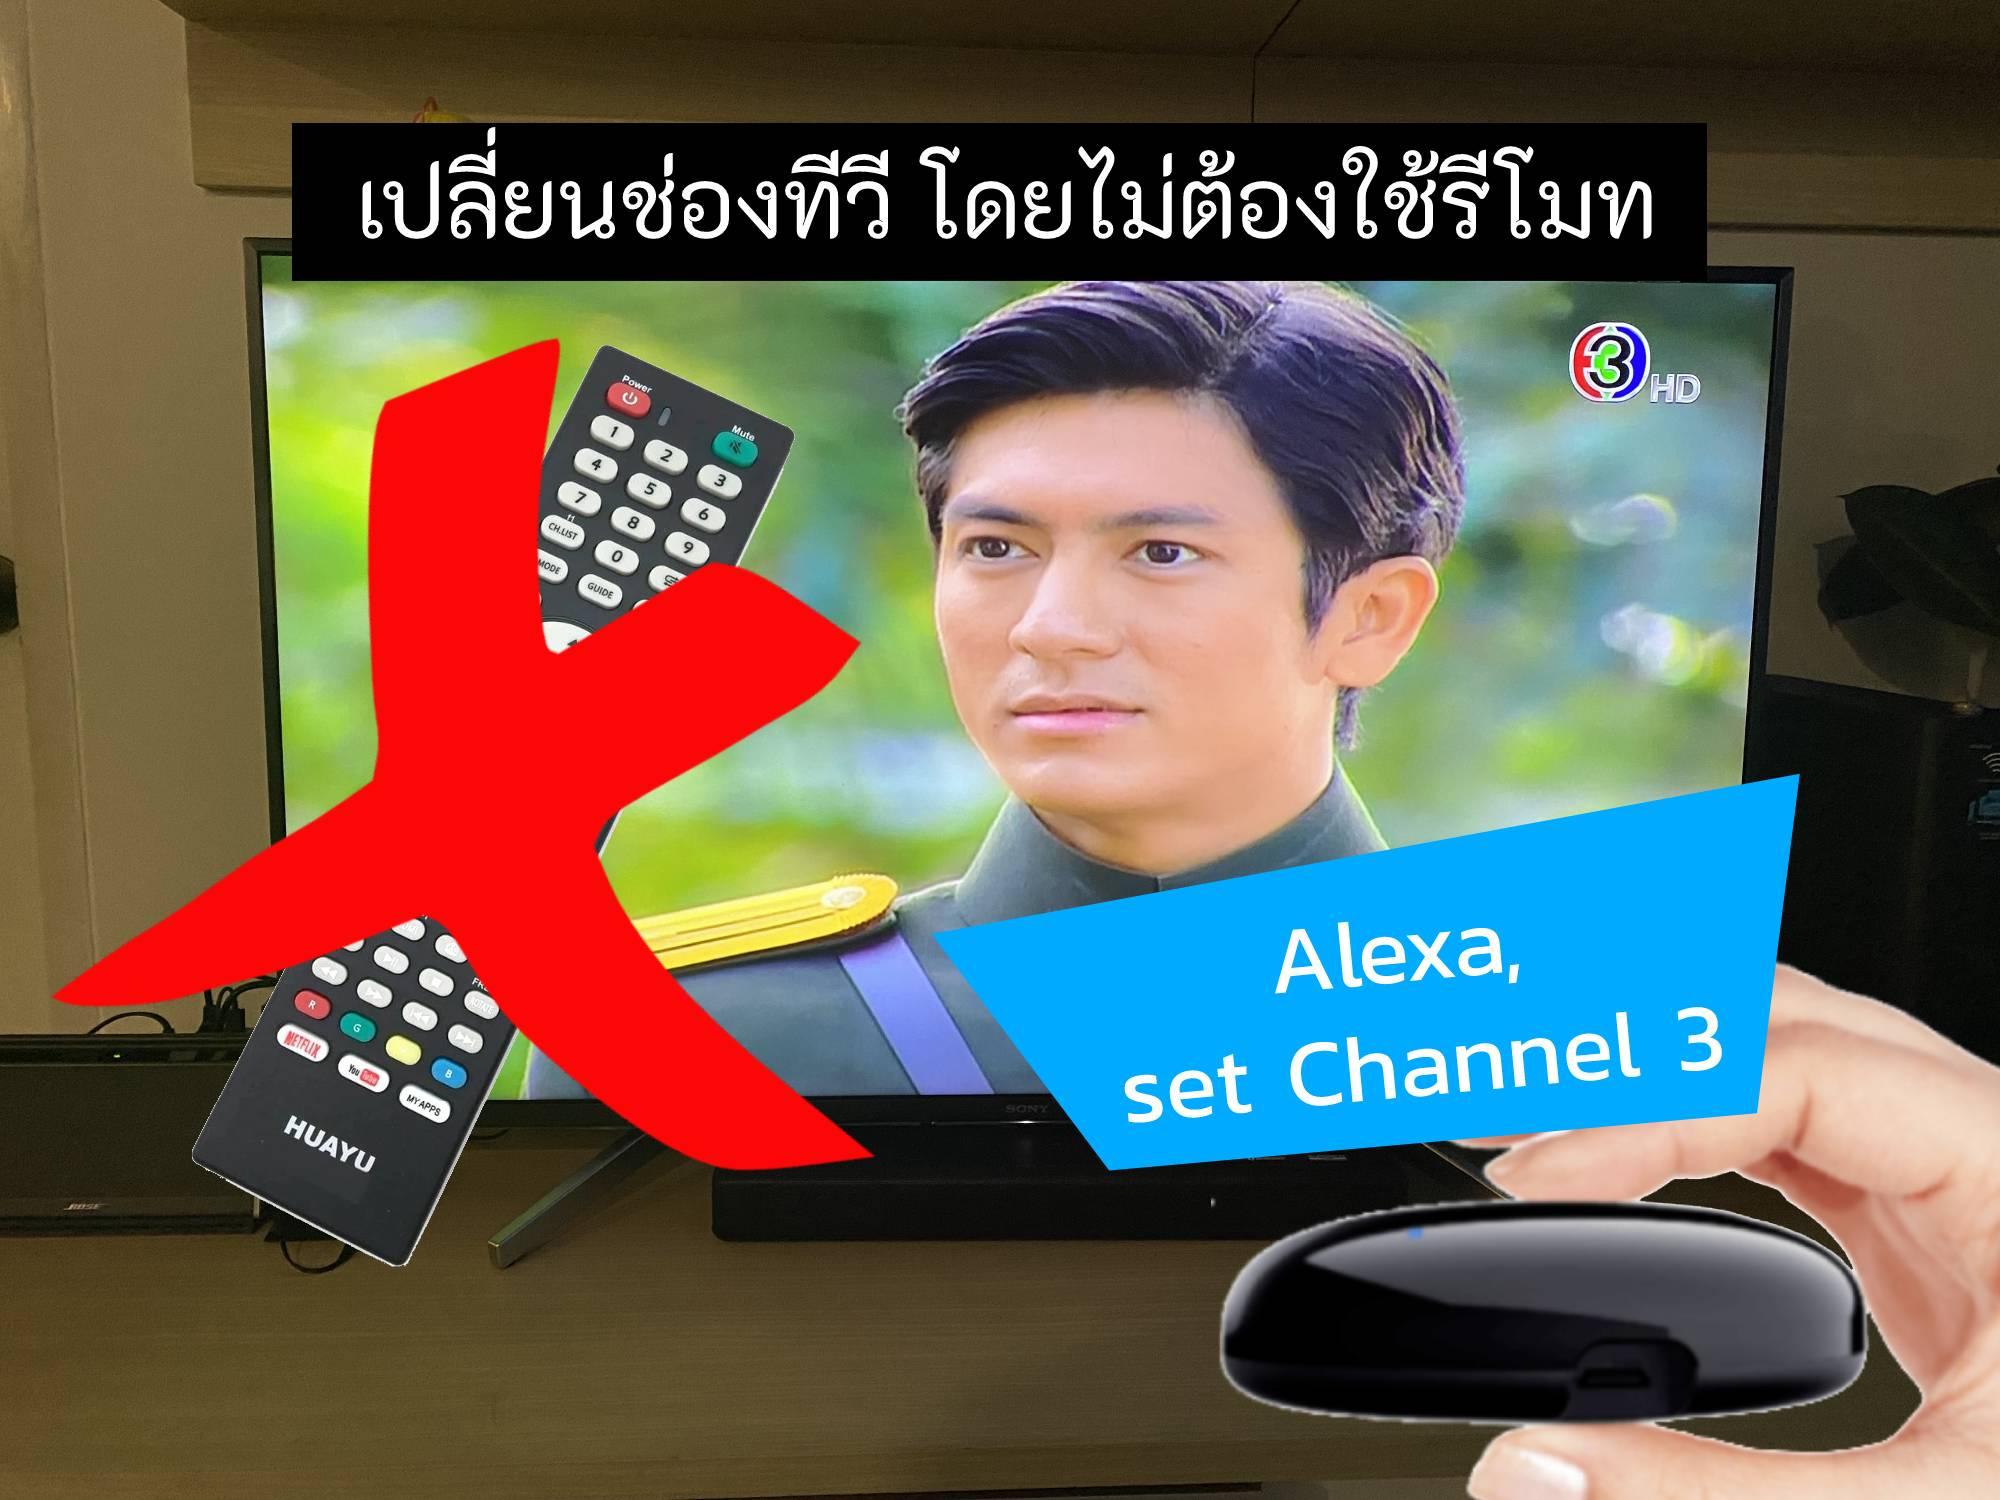 เปลี่ยนทีวีเป็นช่อง 3 ได้ ไม่ต้องใช้รีโมท แค่สั่งงานด้วยเสียง